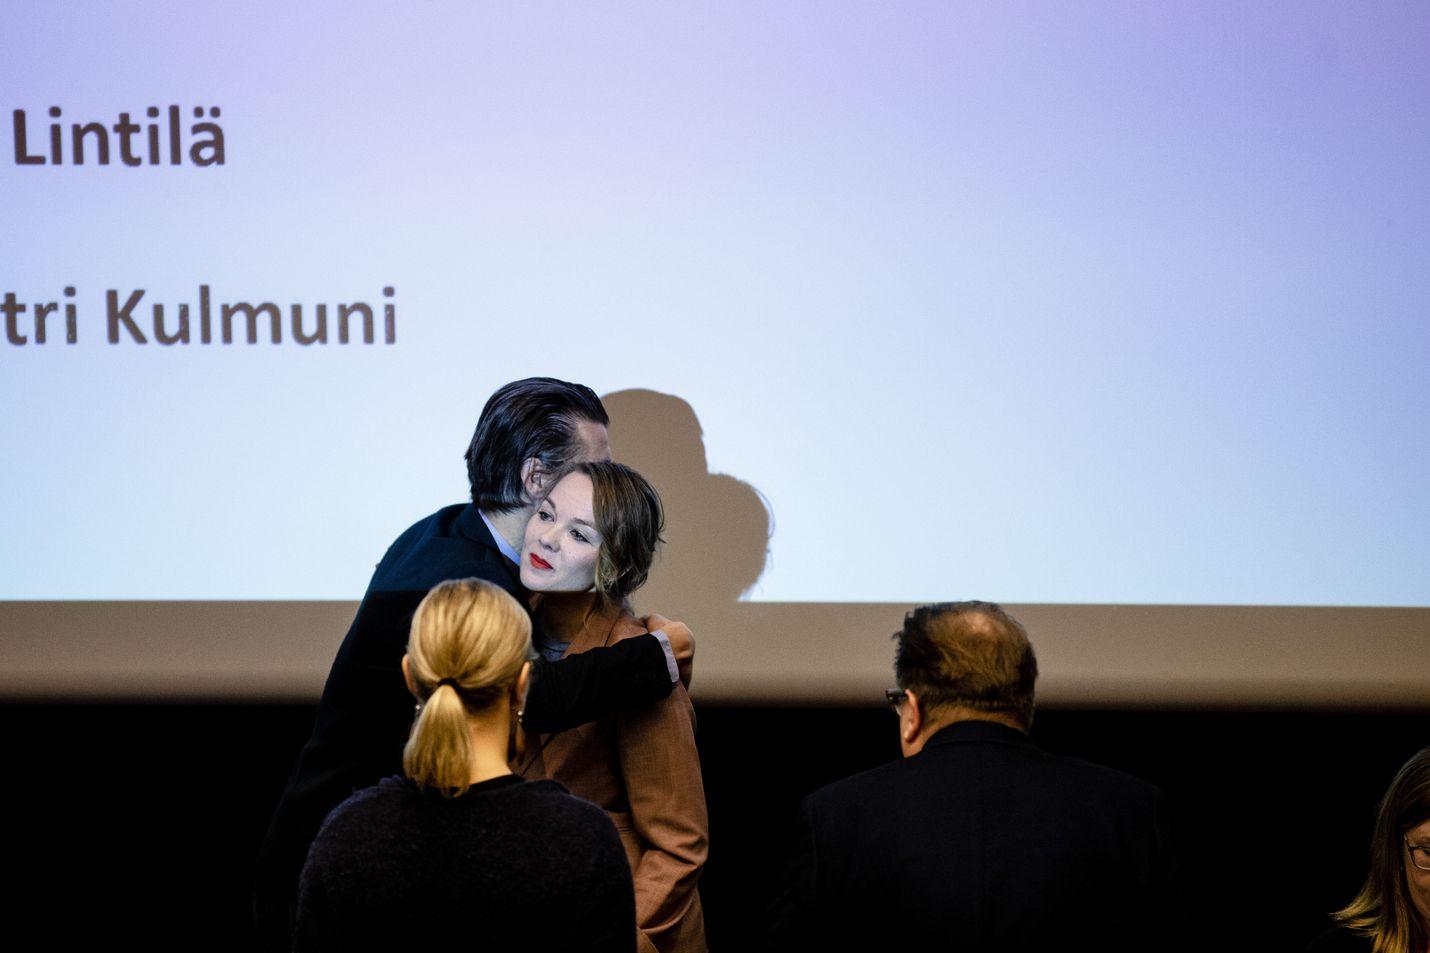 Keskustan puheenjohtaja Katri Kulmunilla on kova taisto edessä. Uuden sukupolven punamullan on onnistuttava ja siinä sivussa on oman puolueen kannatus saatava vihdoin nousemaan.